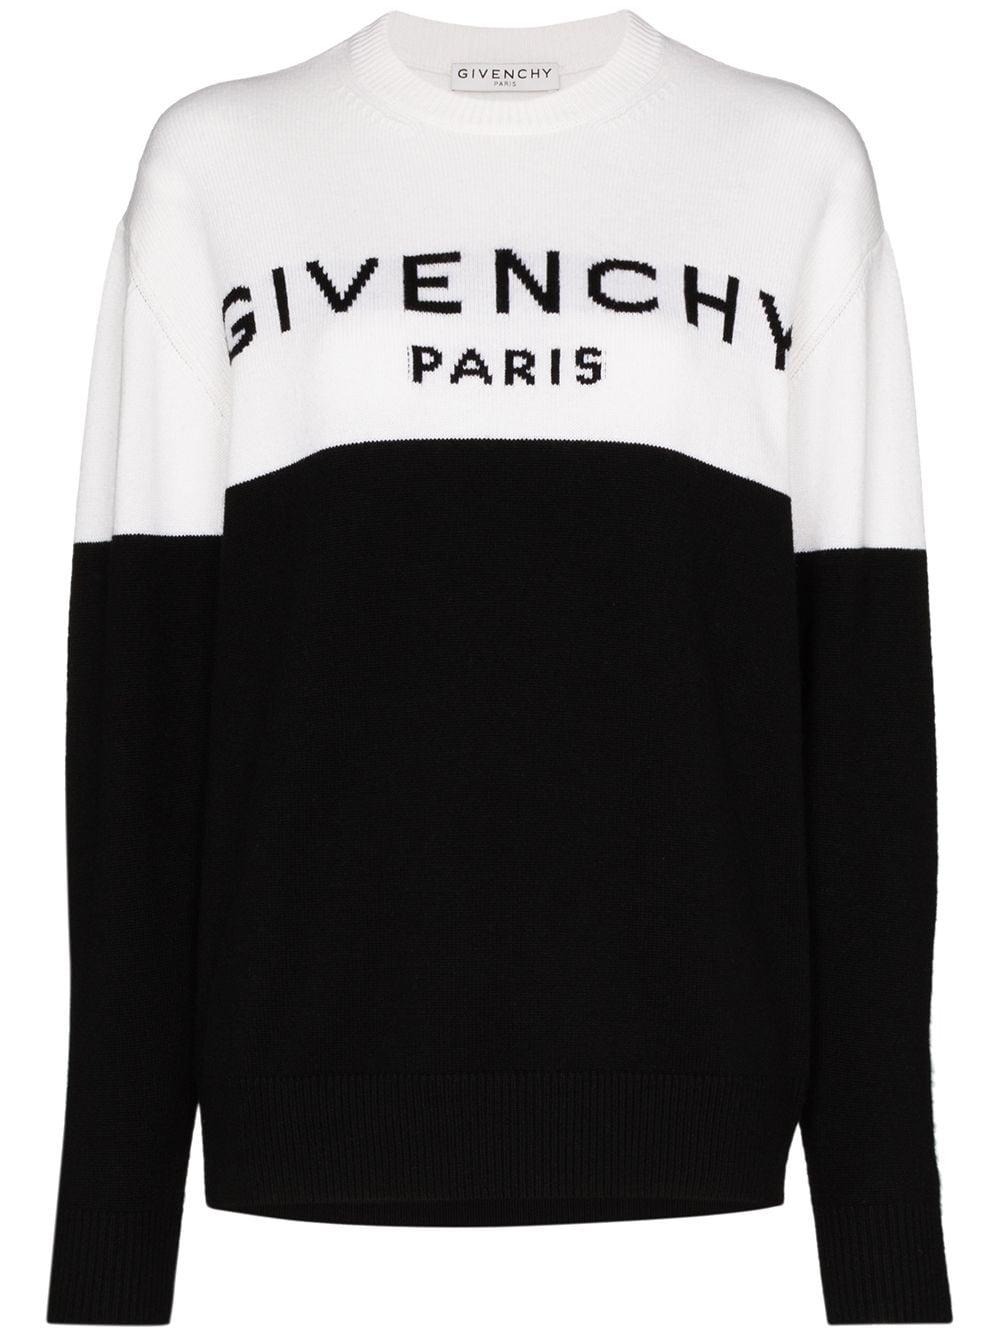 maglione con logo Givenchy bicolore in cashmere bianco e nero GIVENCHY      BW90AE4Z7H004